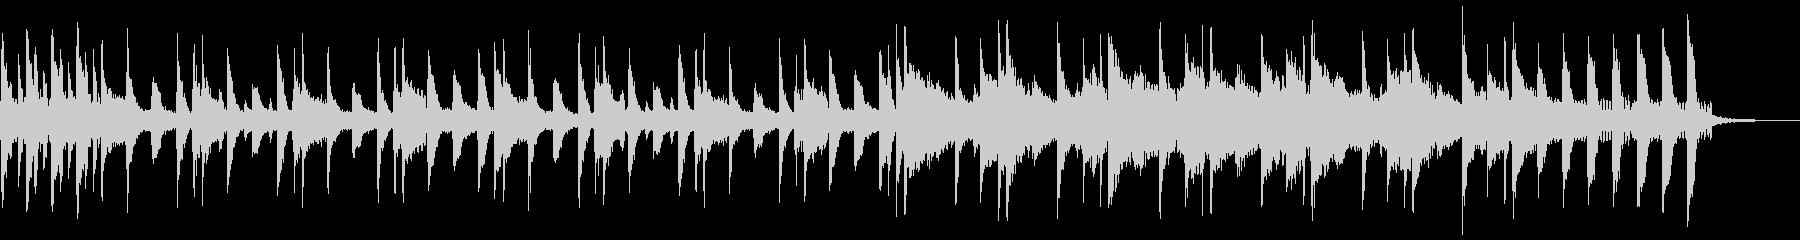 チャイム、ストリングス、ピアノ、ア...の未再生の波形